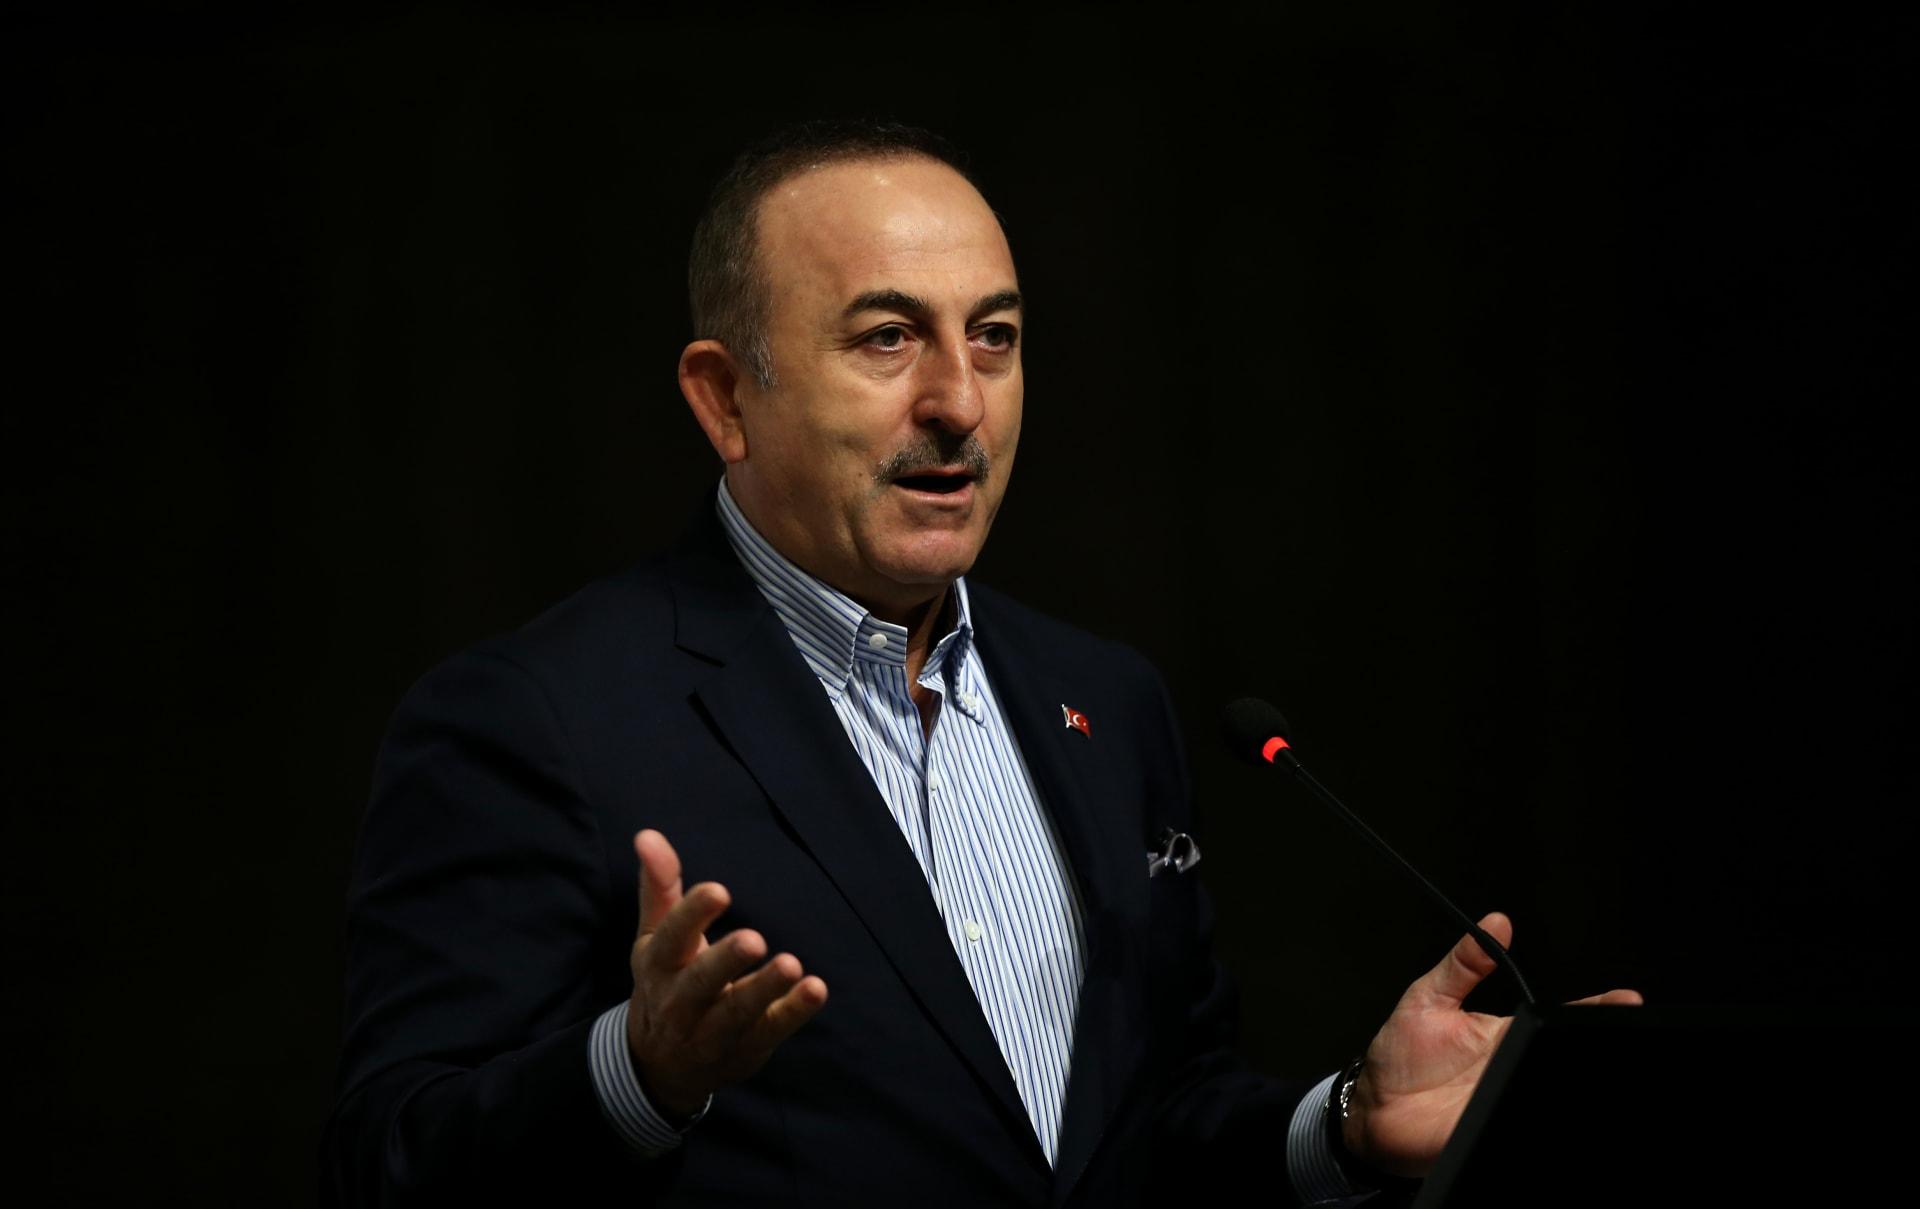 بعد توقيع أردوغان عليها.. الخارجية التركية: إحالة مذكرة إرسال جنود إلى ليبيا للبرلمان